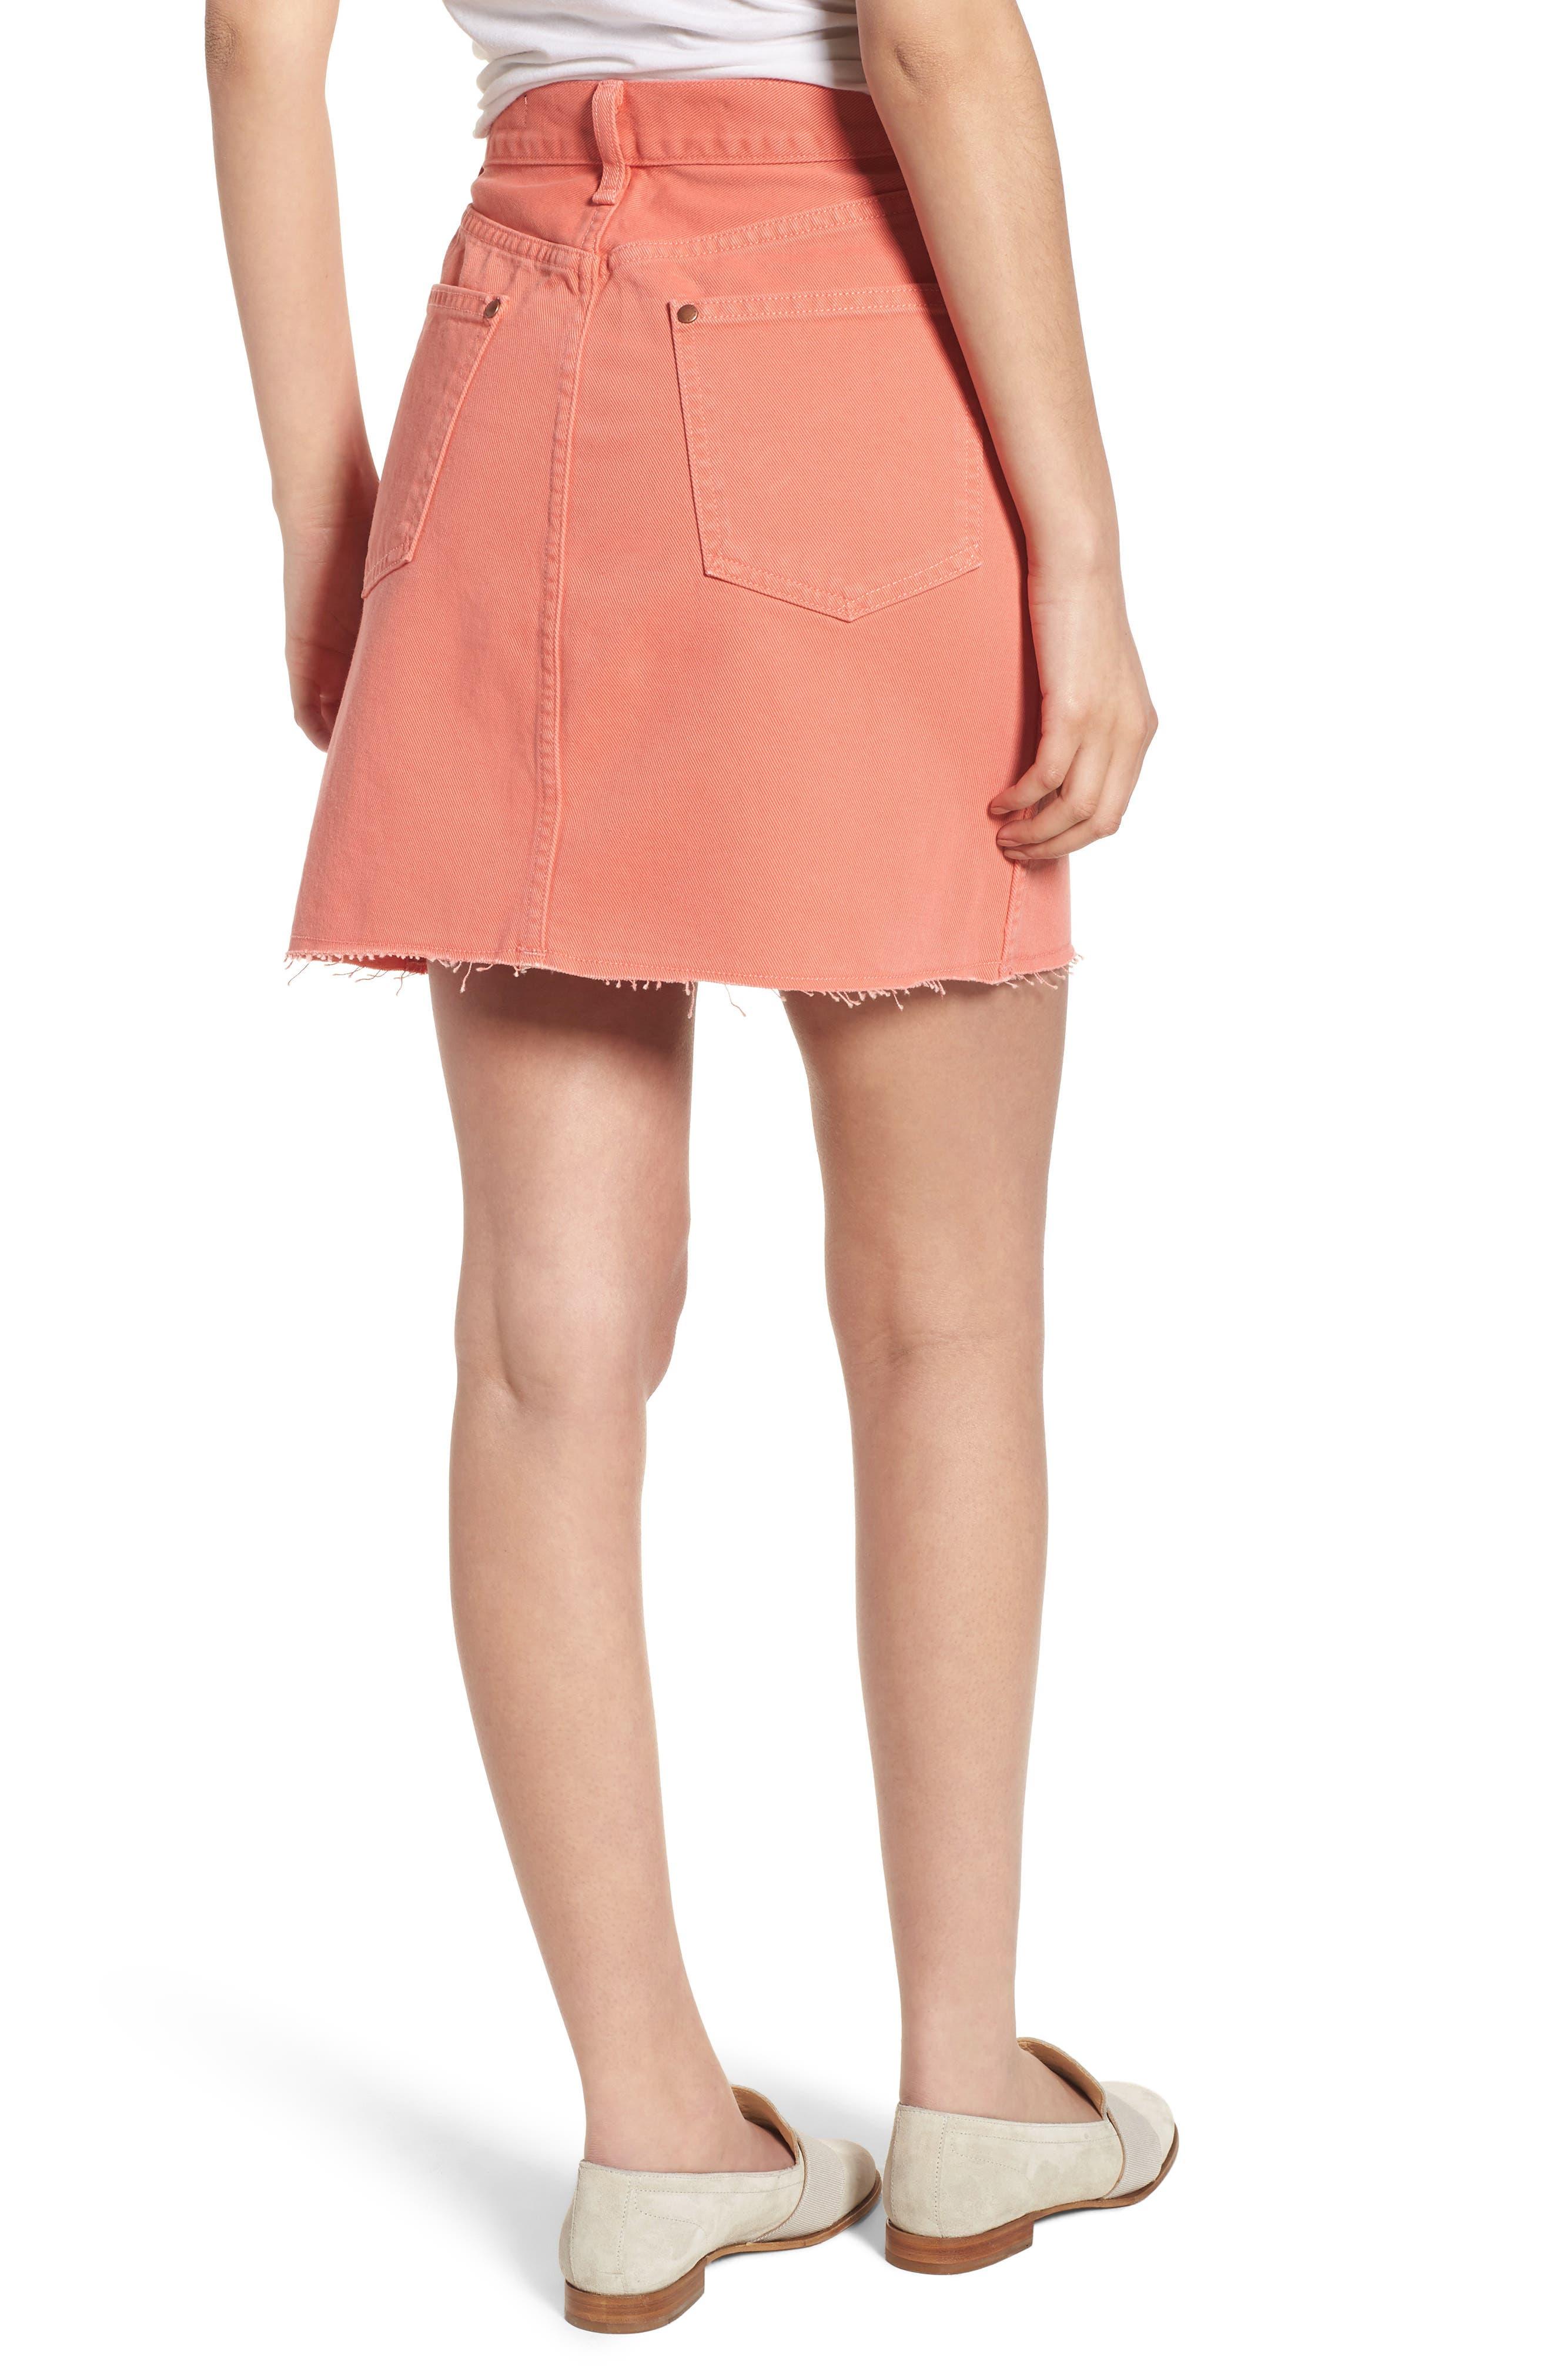 Moss High Waist Denim Miniskirt,                             Alternate thumbnail 2, color,                             Coral Haze